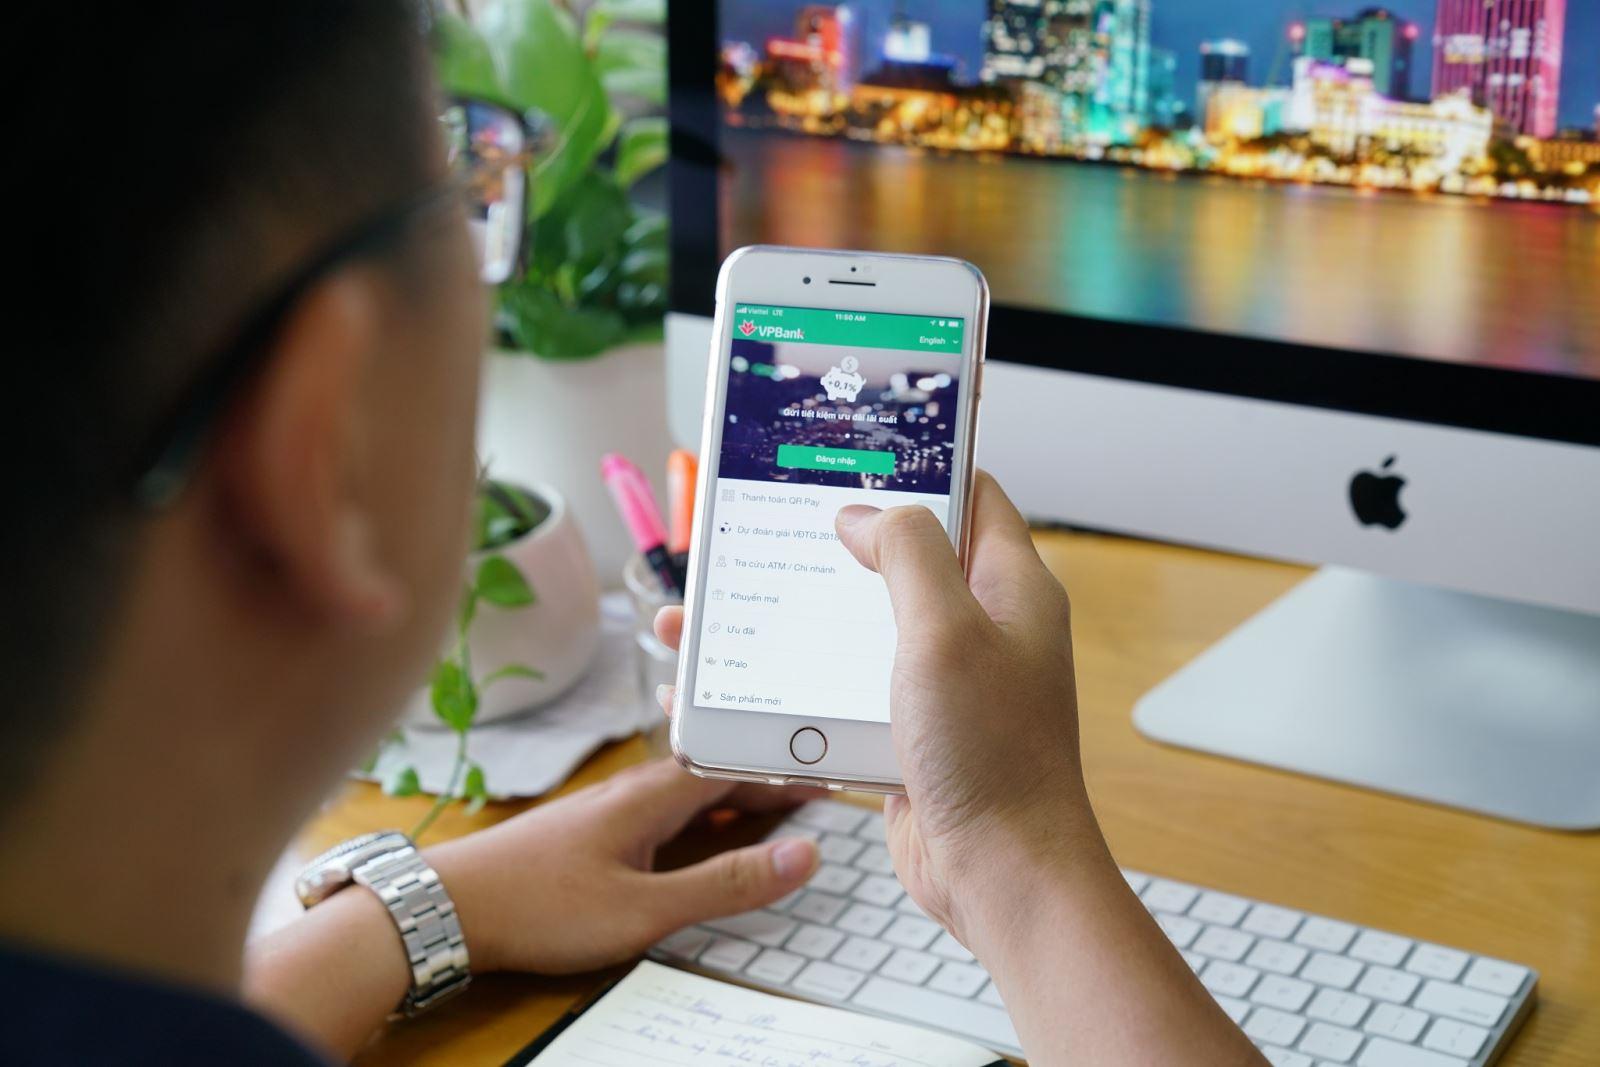 Tiến hành thấu chi tài khoản tiết kiệm online để tìm kiếm giải pháp tài chính hữu hiệu